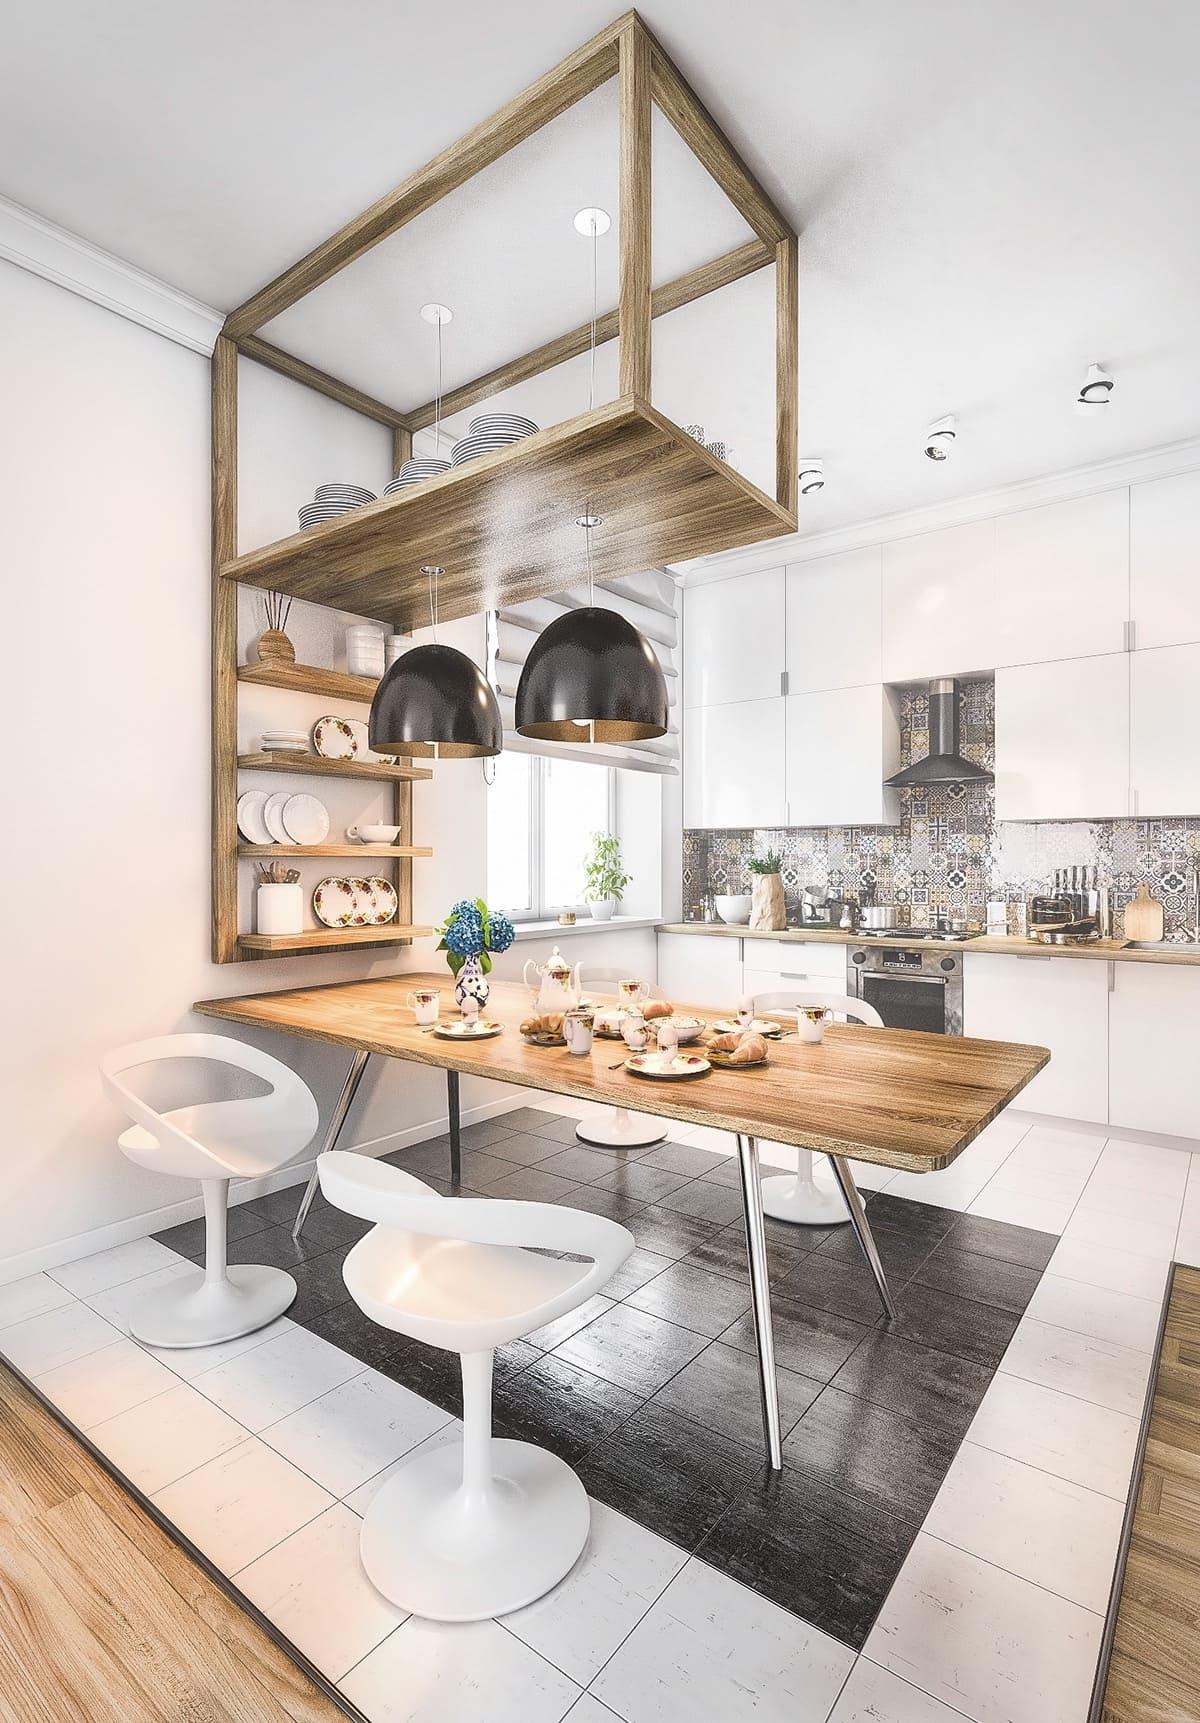 Стол, на котором происходит приготовление пищи, должен одновременно быть надежным, прочным и вместительным